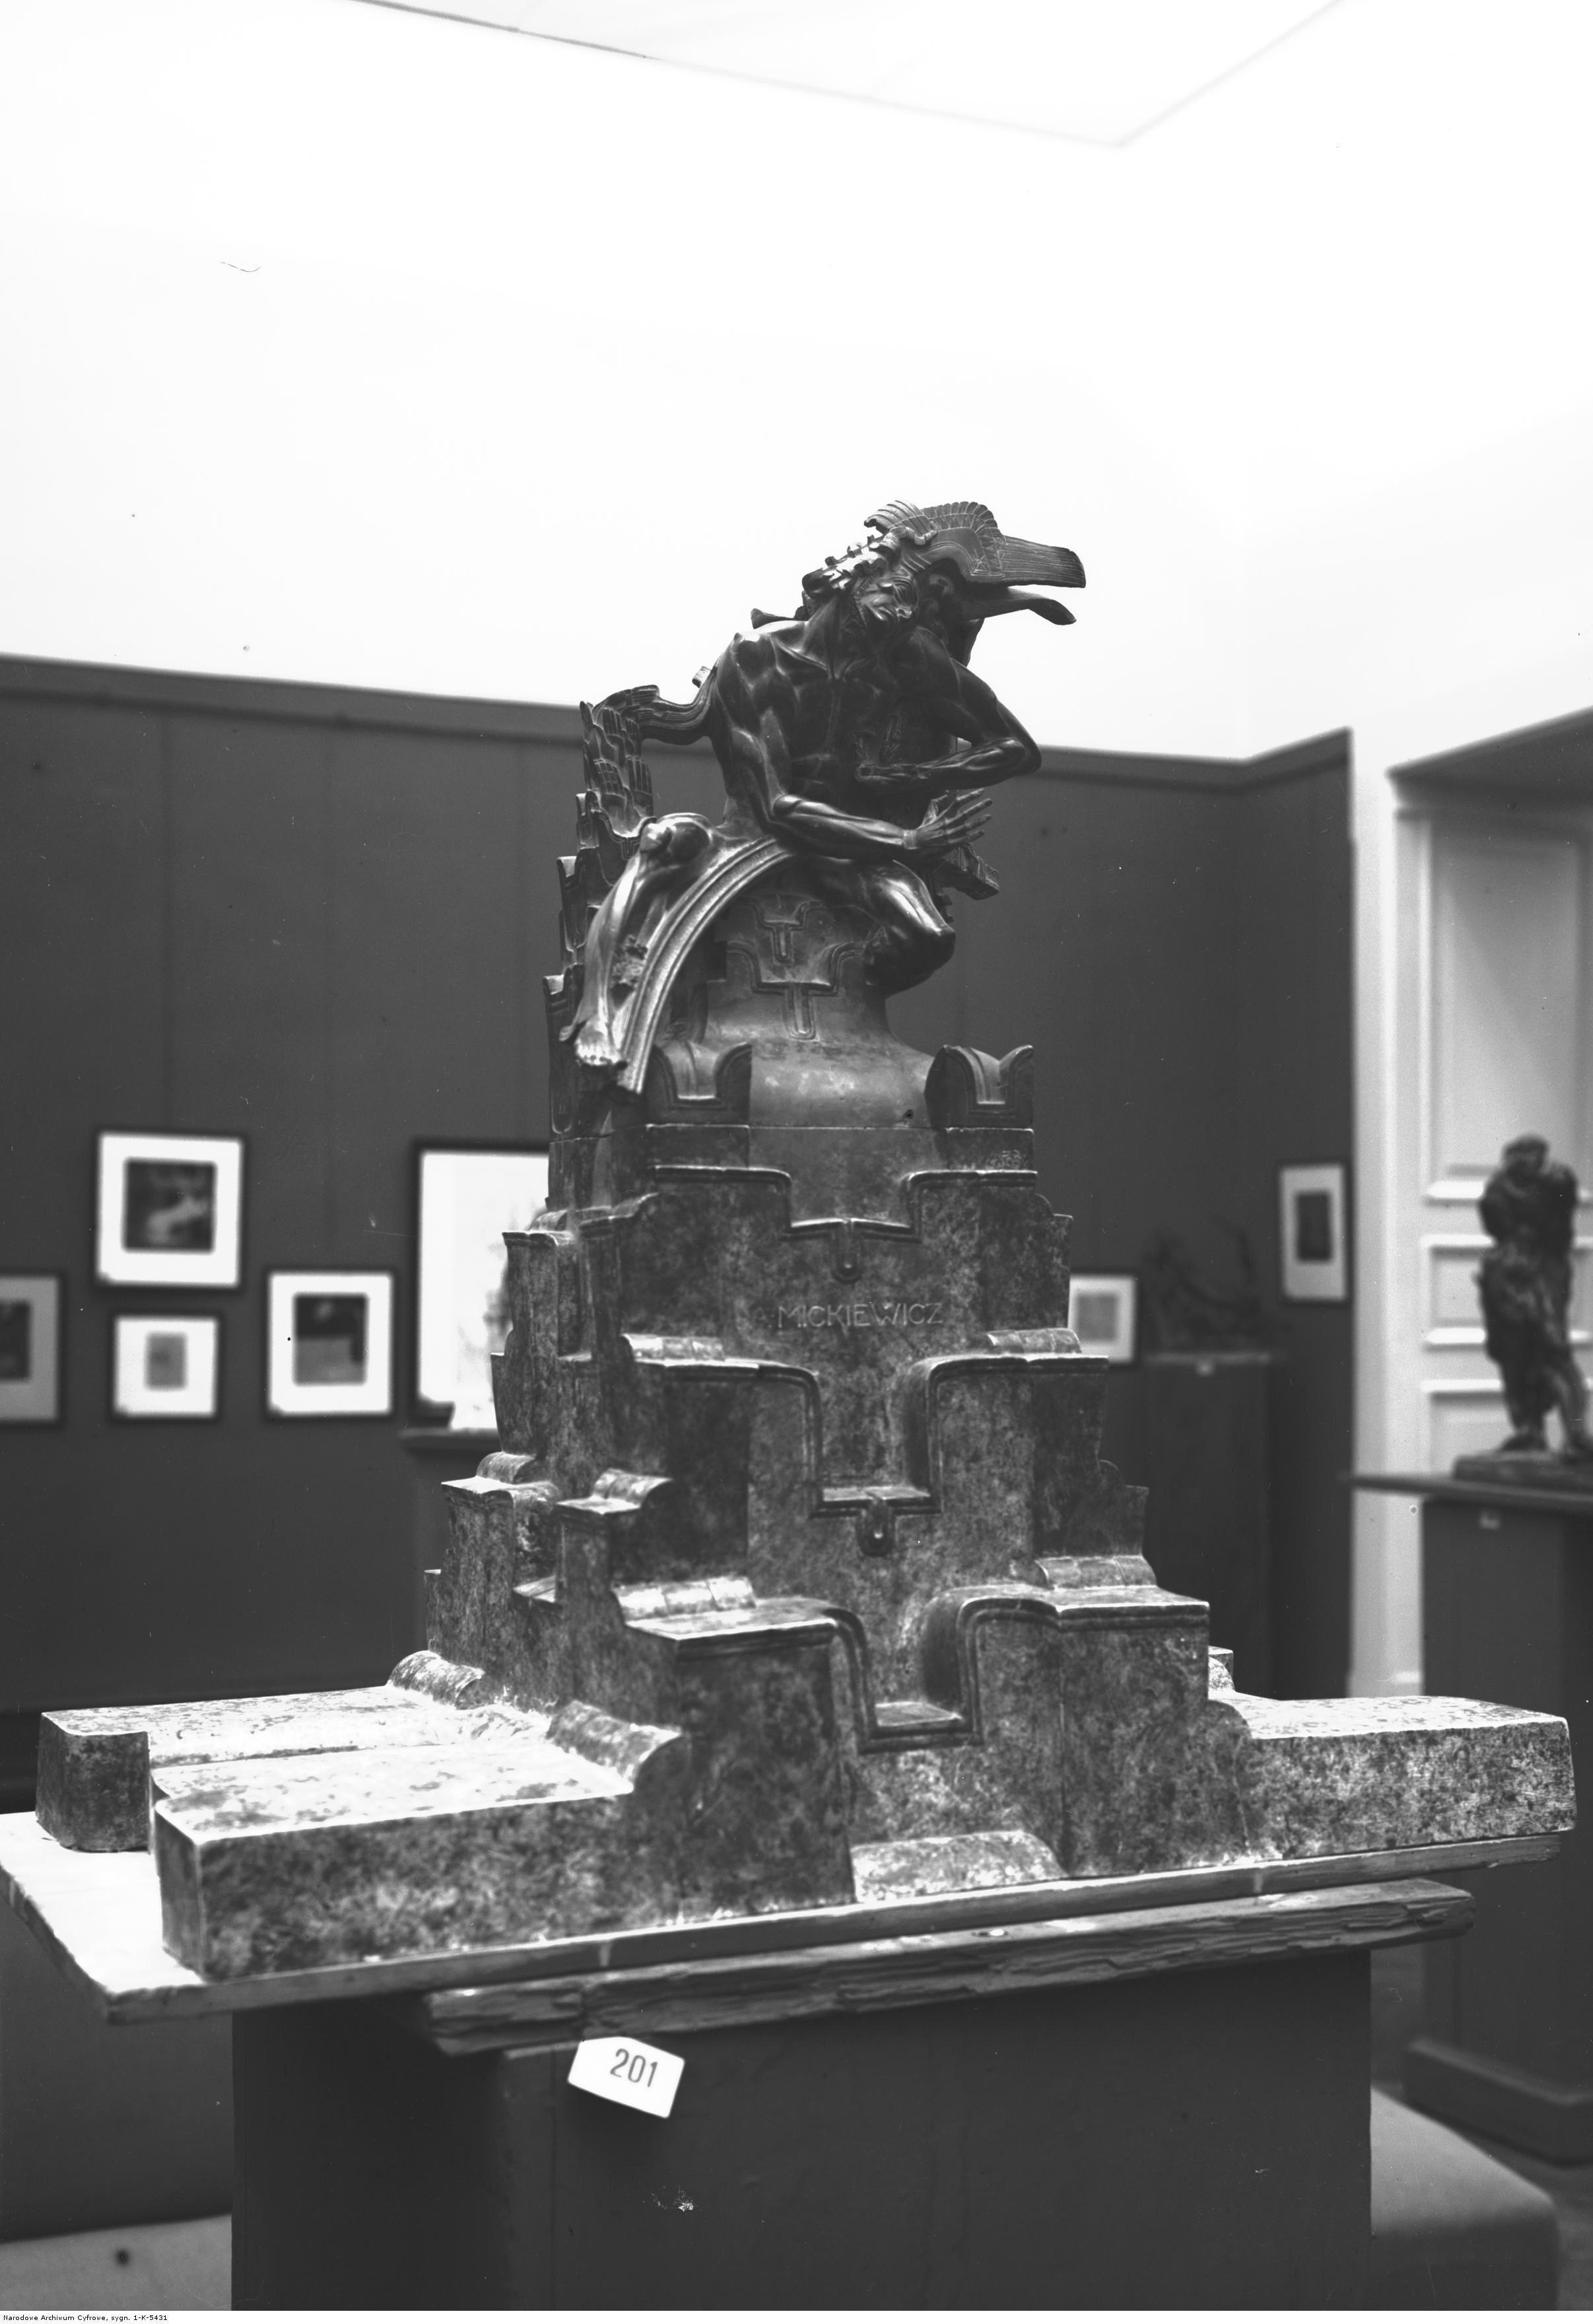 Projekt pomnika Adama Mickiewicza autorstwa artysty malarza i rzeźbiarza Stanisława Szukalskiego, źródło: nac.gov.pl